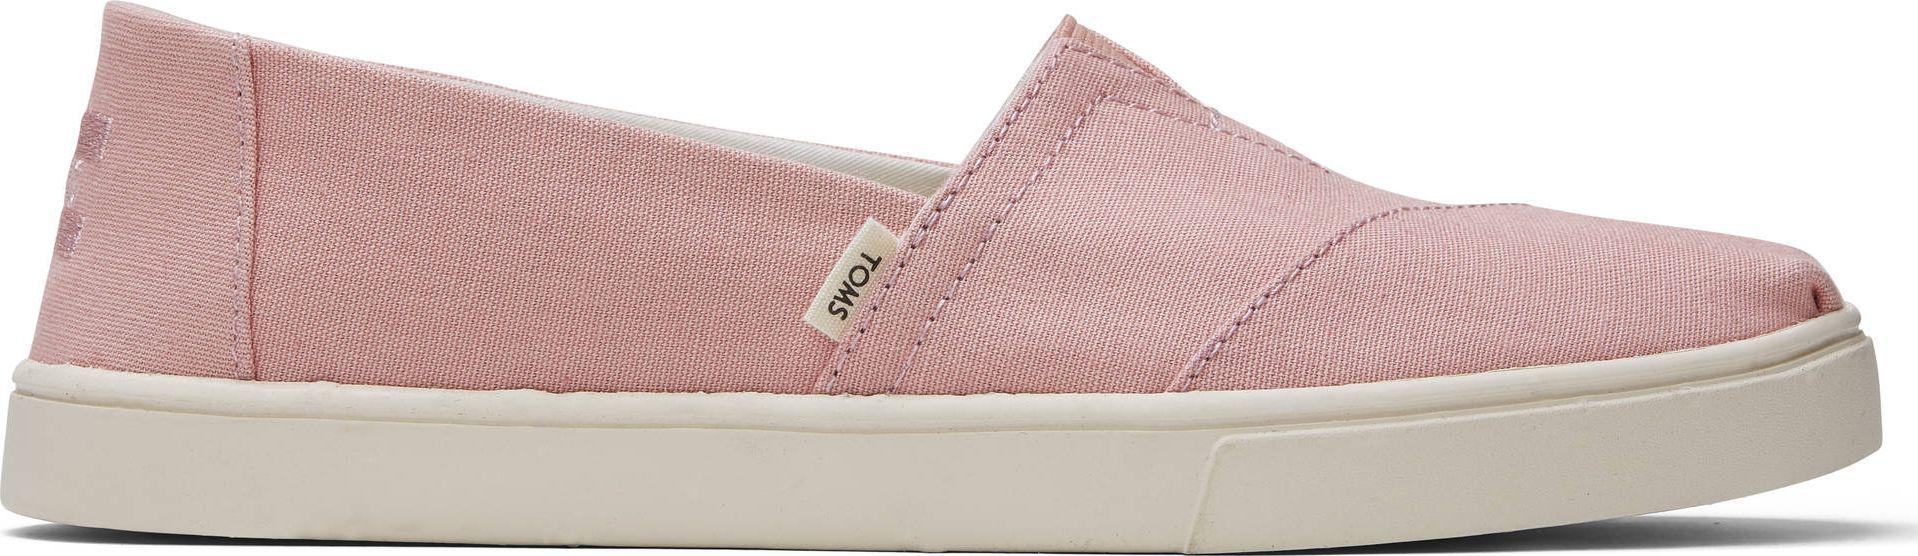 TOMS Plant Dyed Canvas Women's Alpargata Pink 37,5